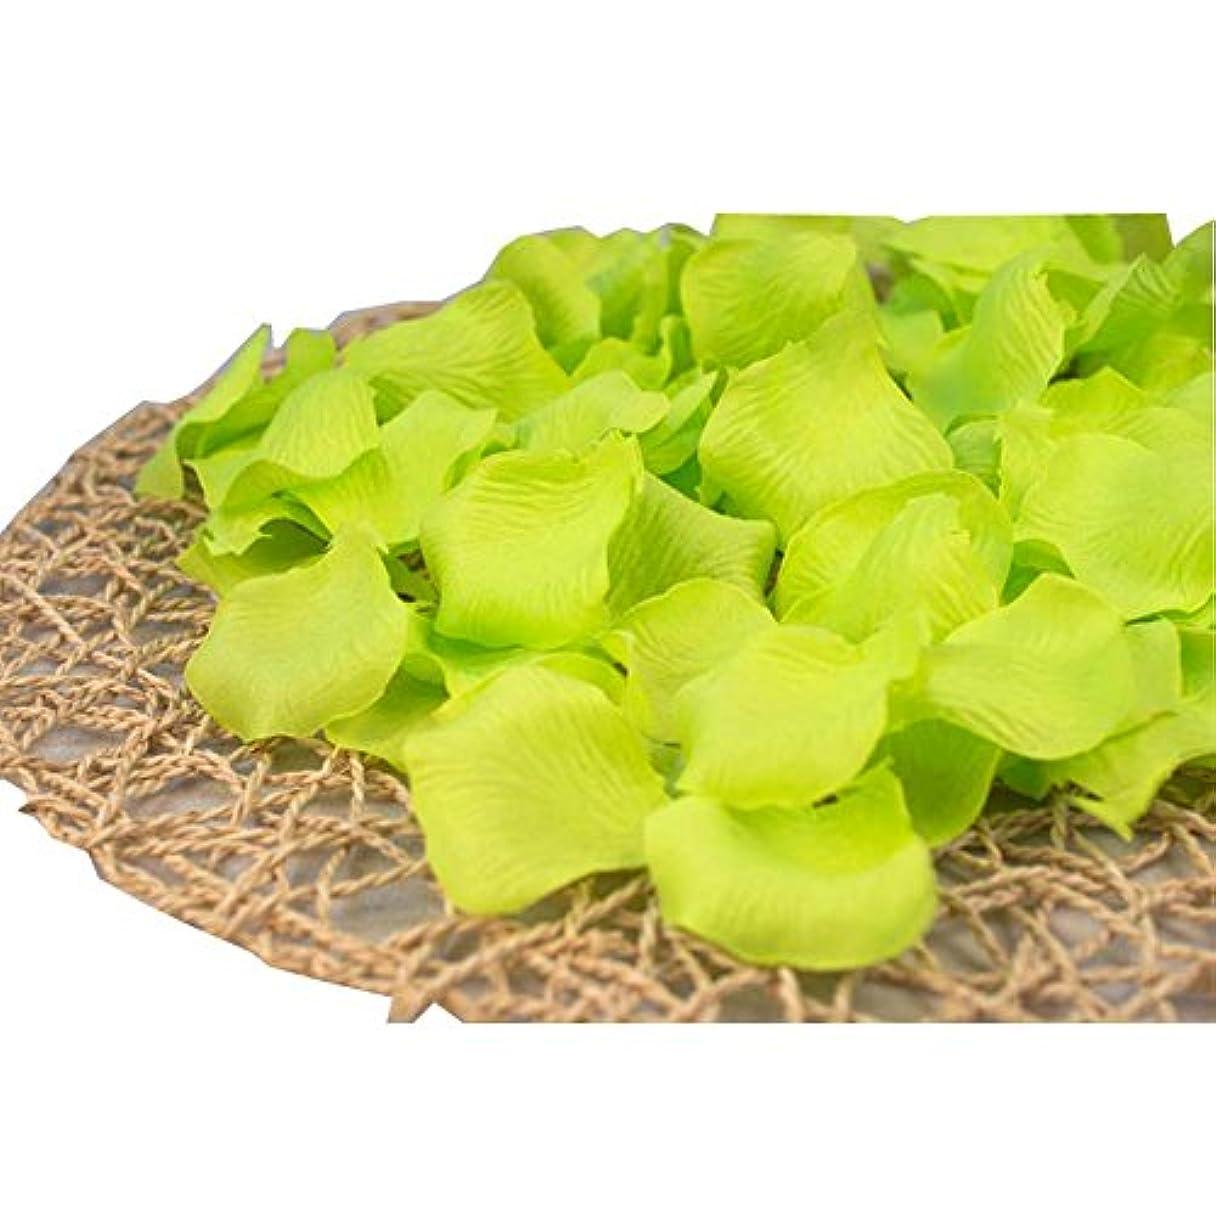 農業の時期尚早不器用結婚式のための緑人工花びらの緑840個